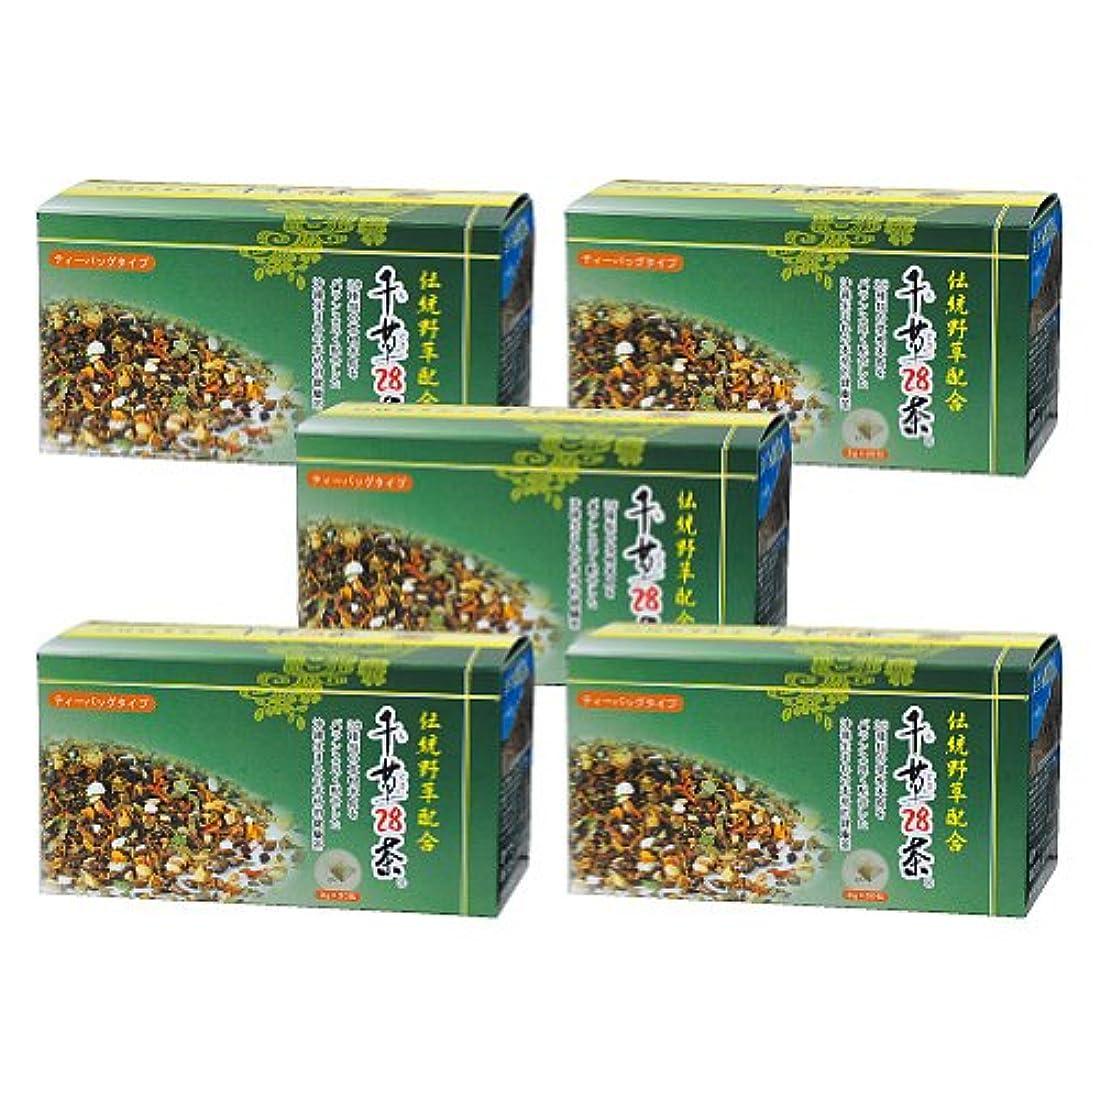 姿を消す特に圧縮された千草28茶 ティーバッグタイプ 30包×5個